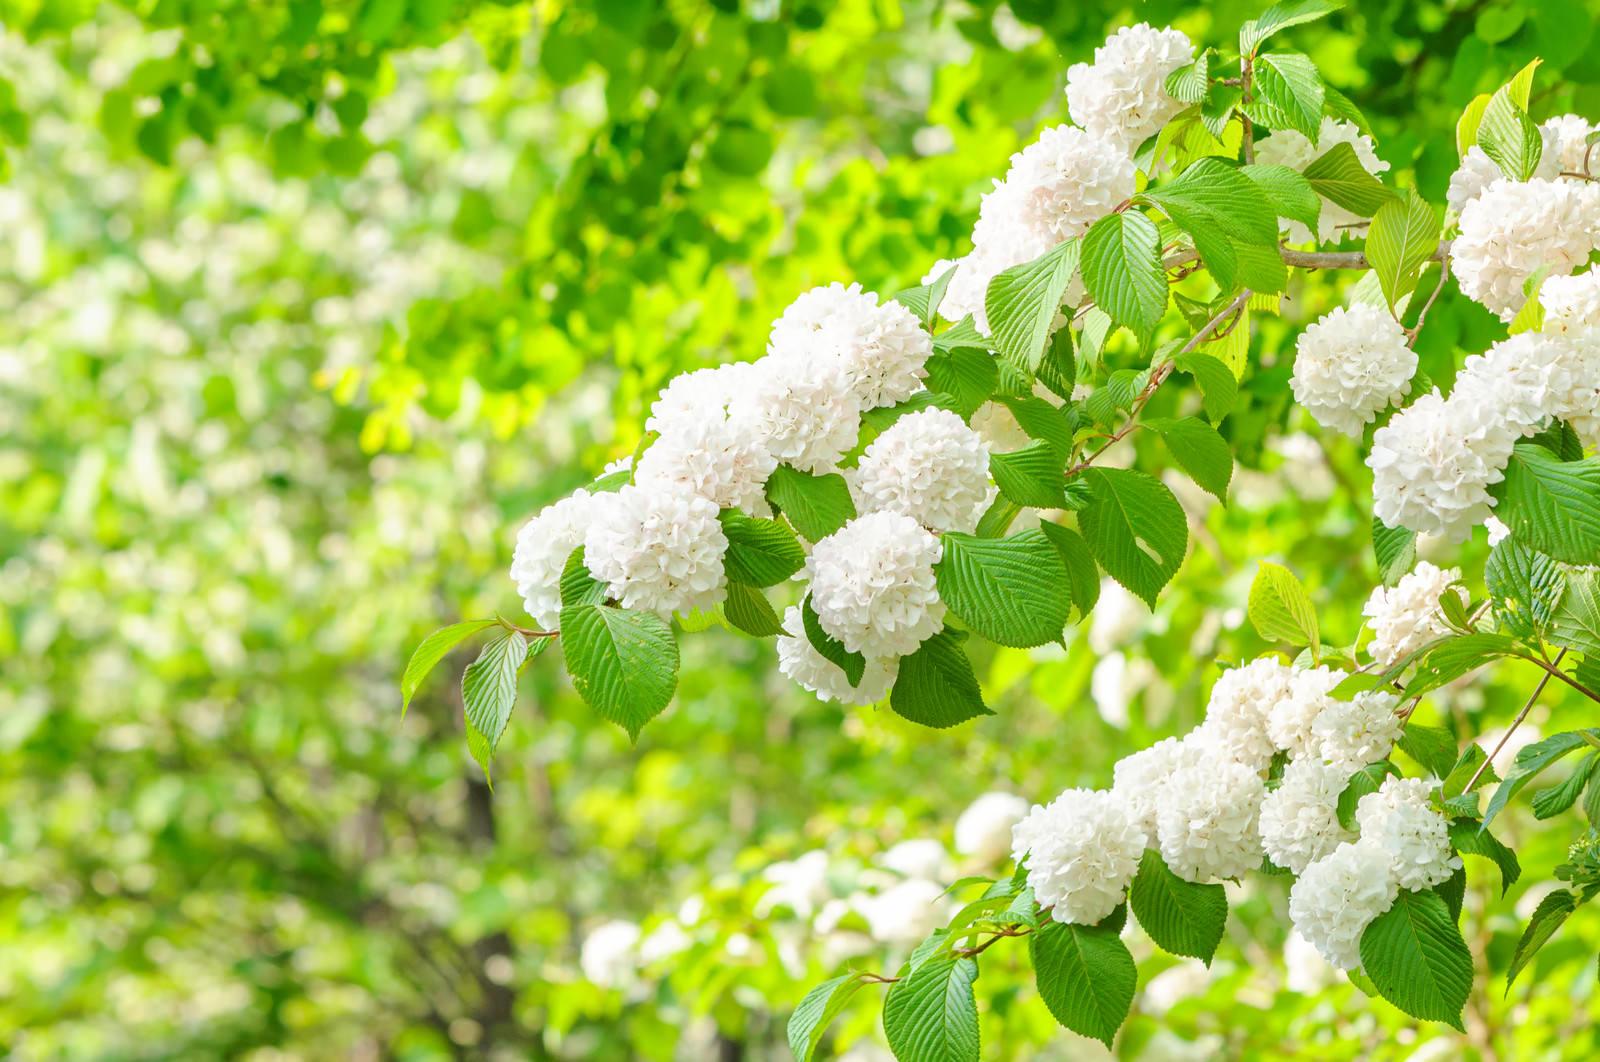 「新緑と白いオオデマリの装飾花」の写真